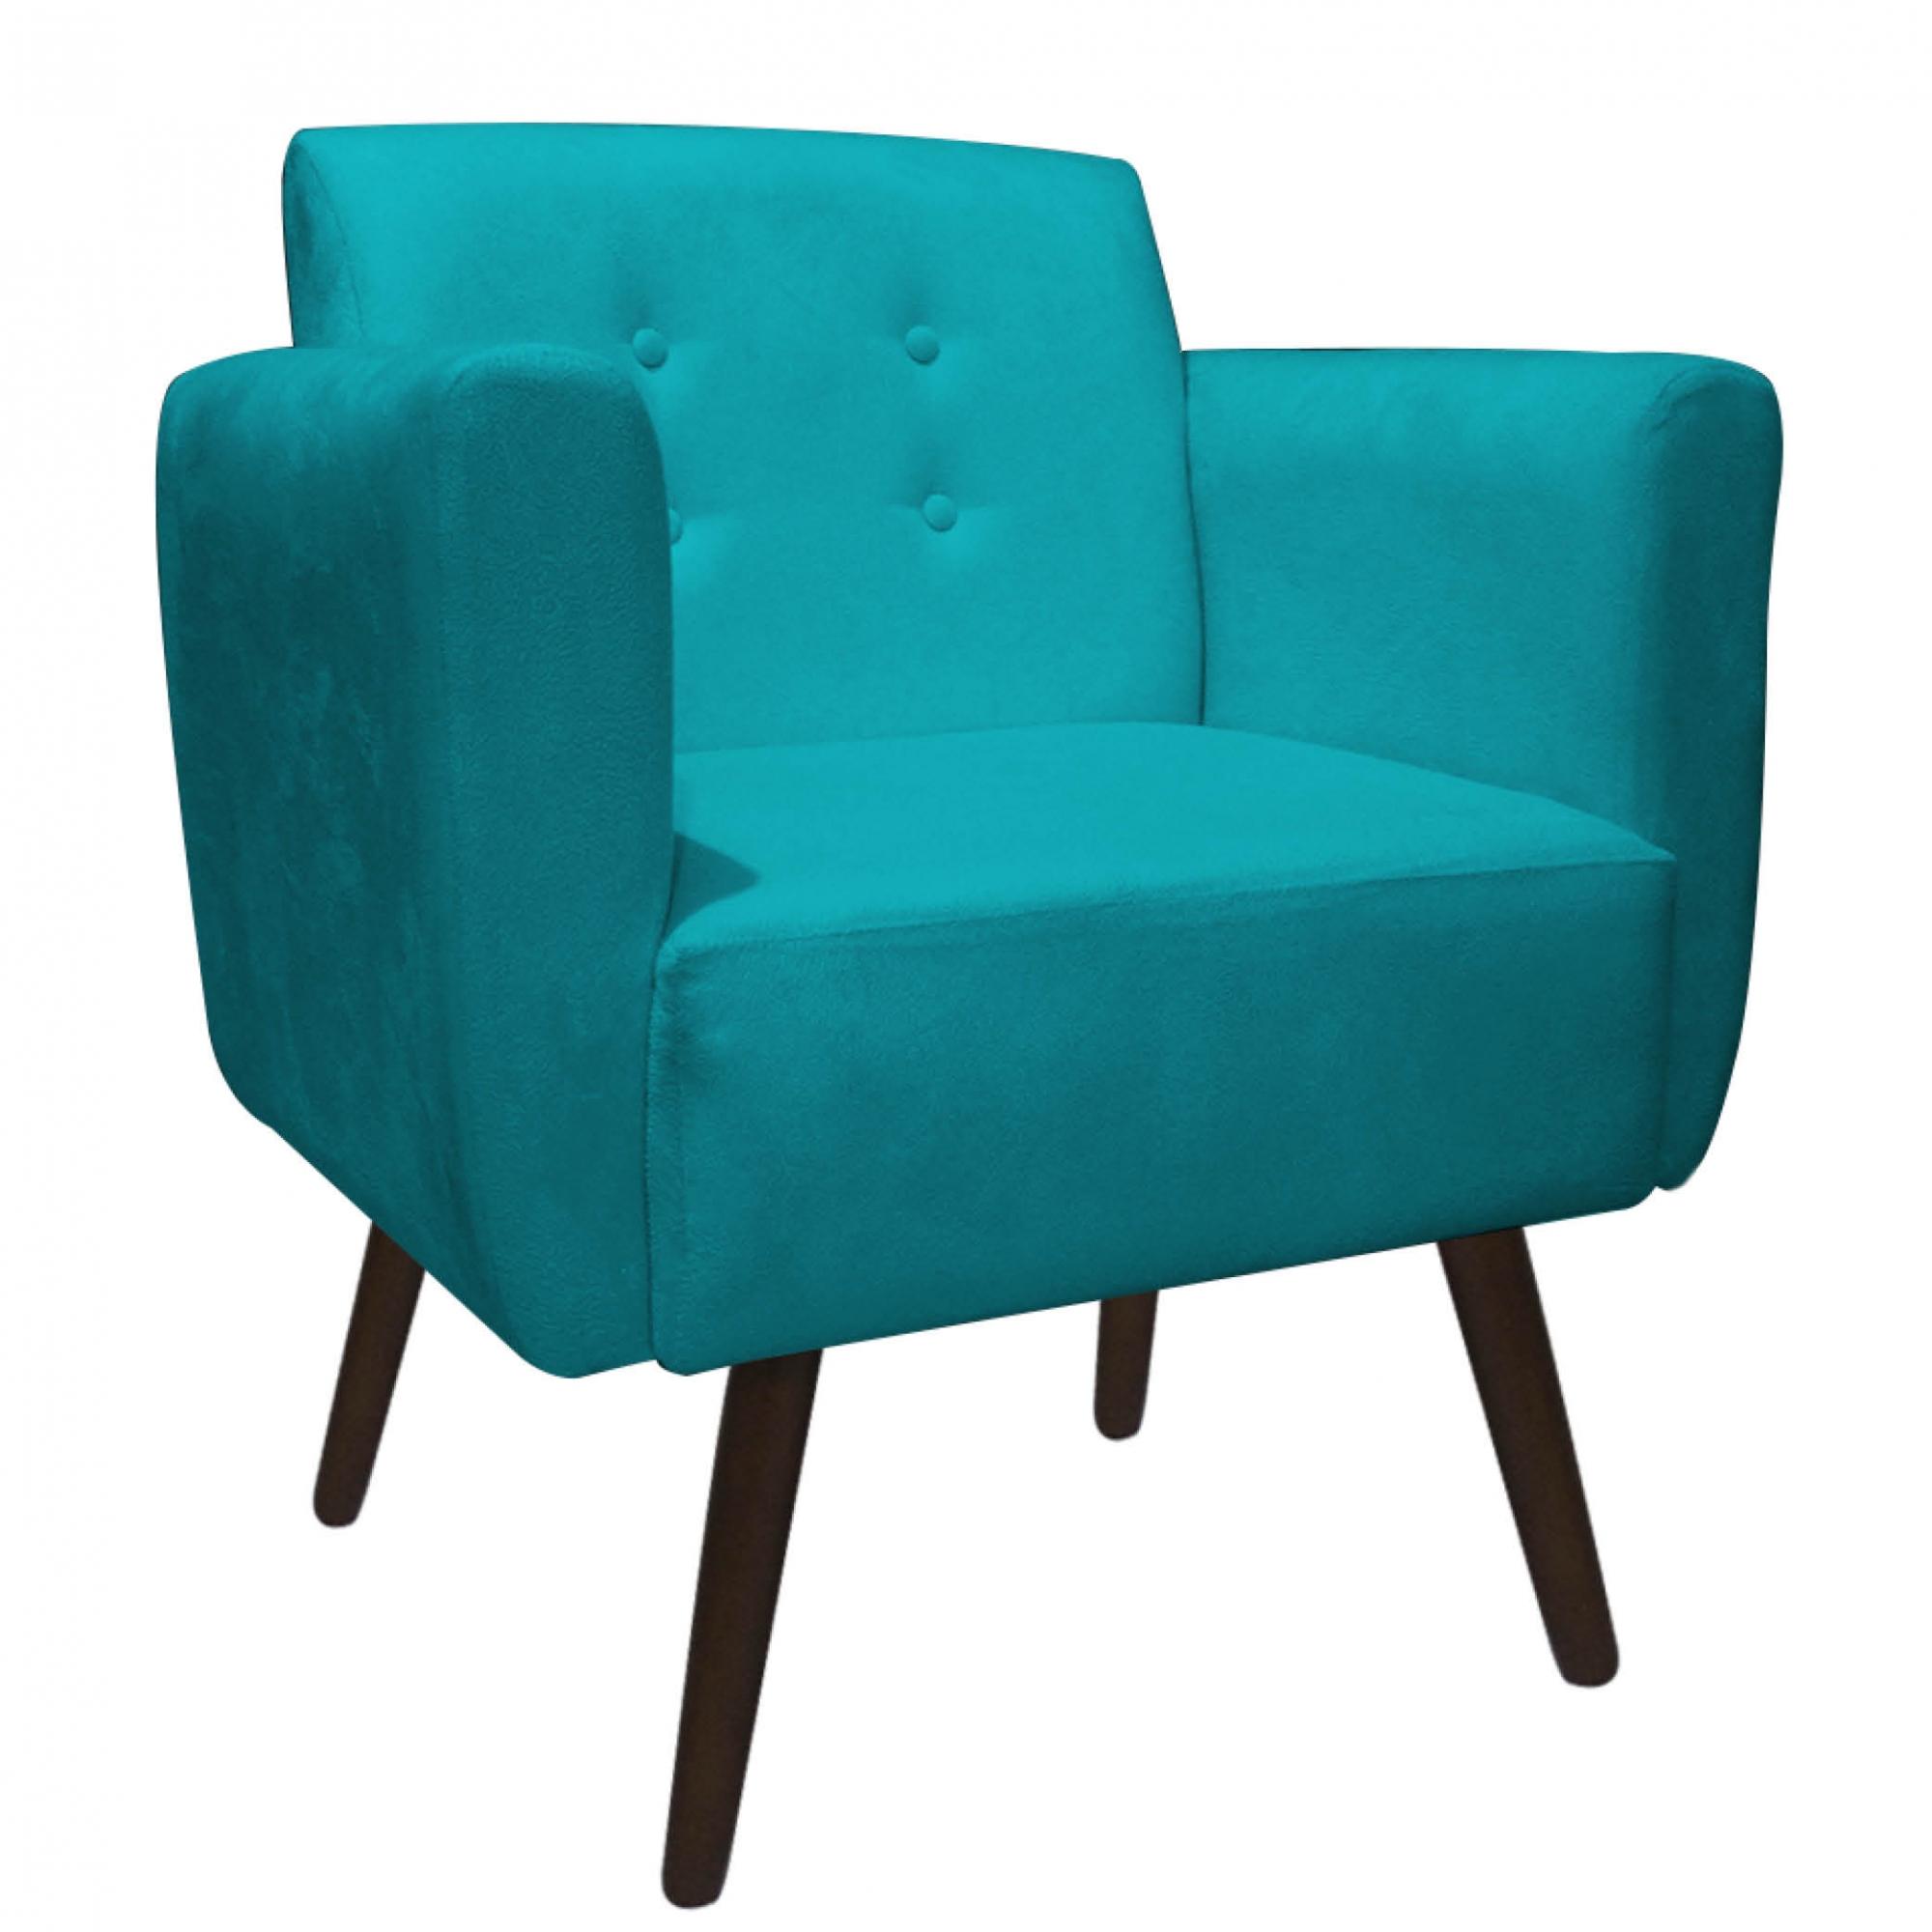 Kit 4 Poltrona Duda Decoraçâo Pé Palito Cadeira Recepção Escritório Clinica D'Classe Decor Suede Azul Tiffany